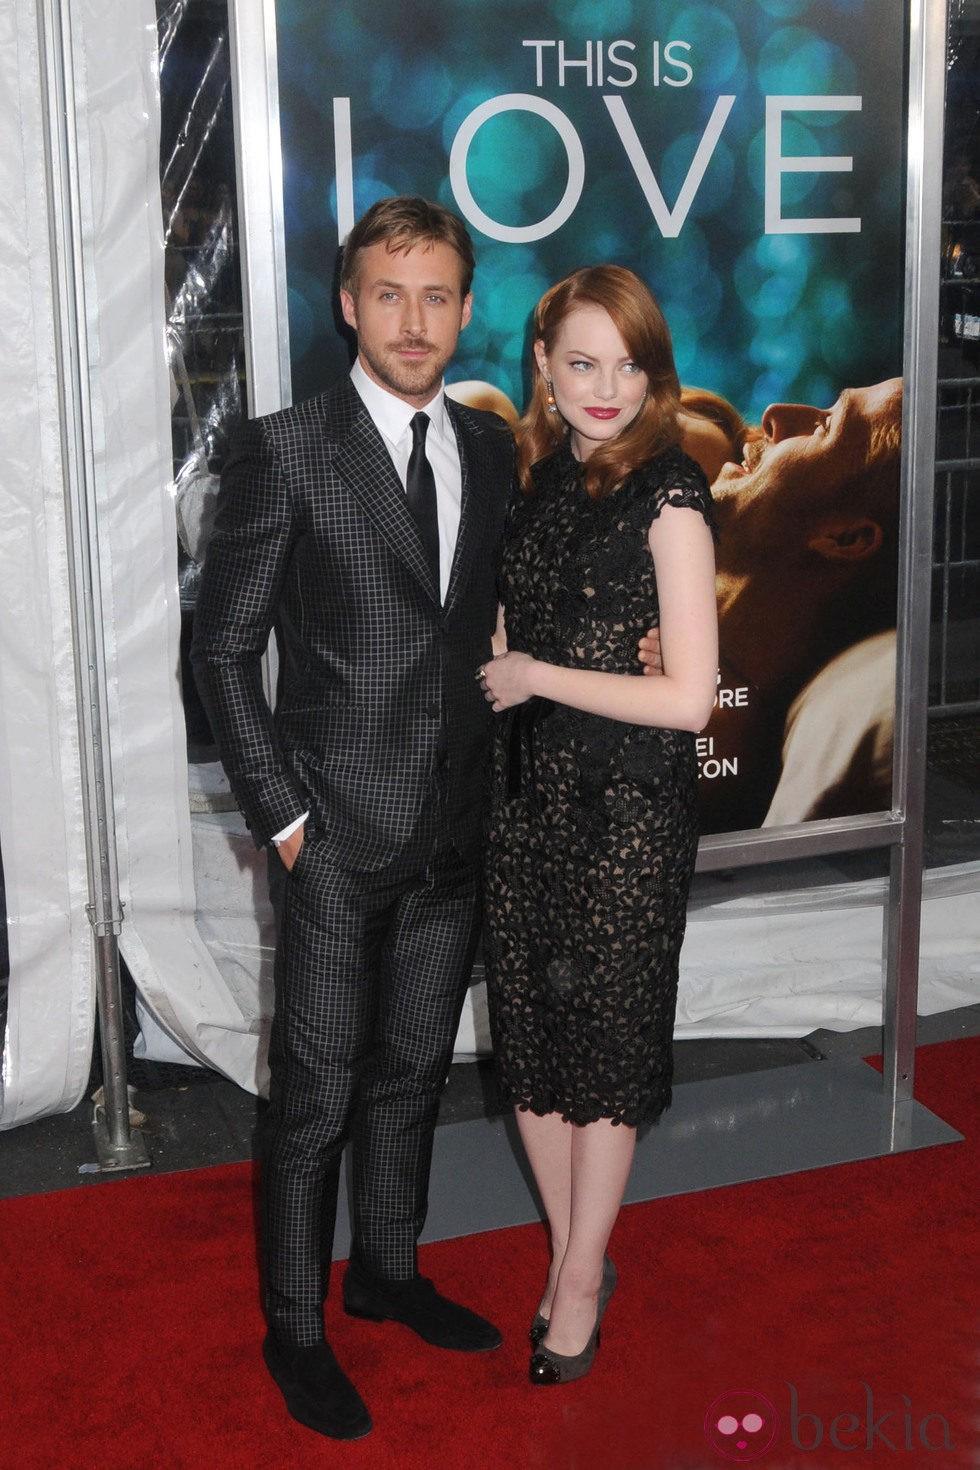 Ryan Gosling y Emma Stone en el estreno de 'Crazy, Stupid, Love' en Nueva York